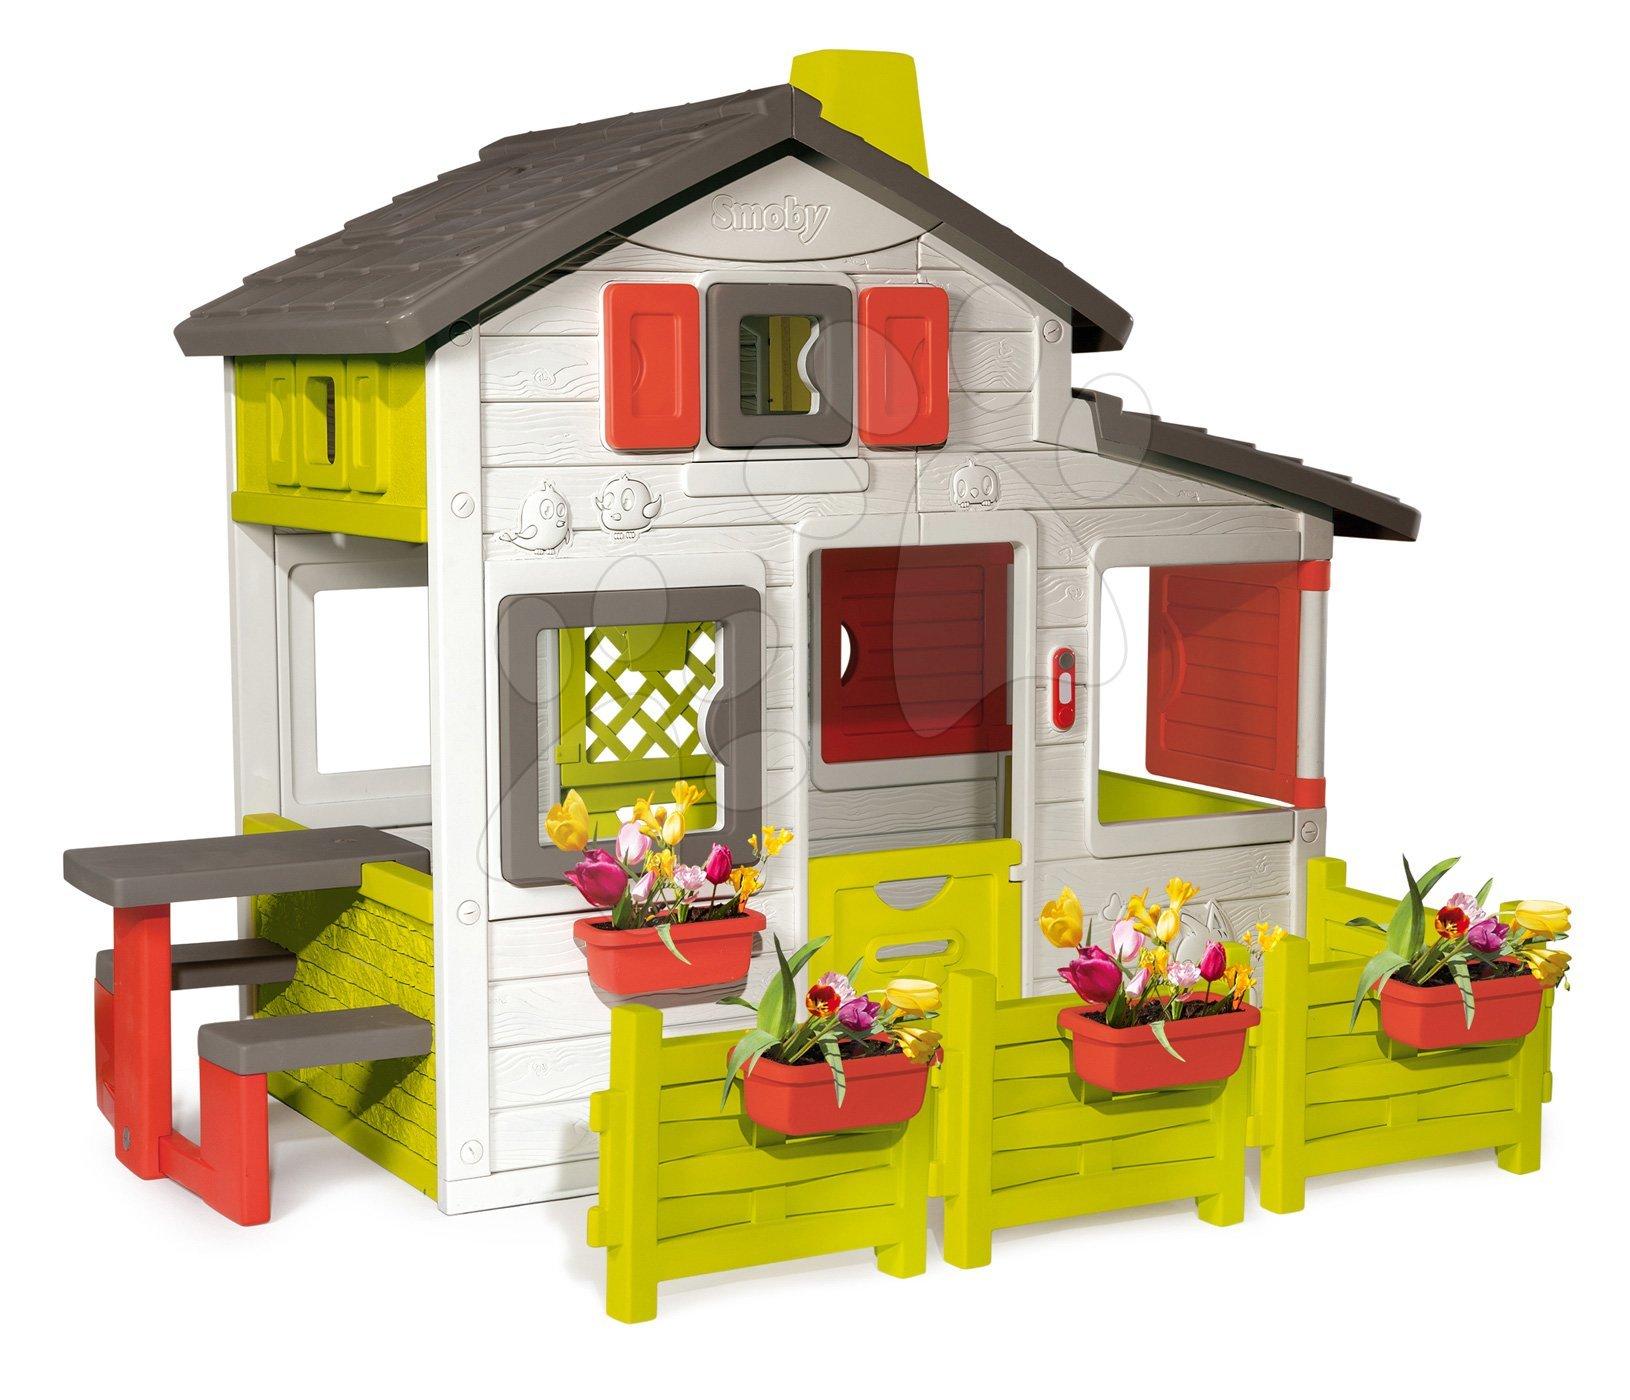 Házikó Jóbarátok Friends House Smoby kerítéssel